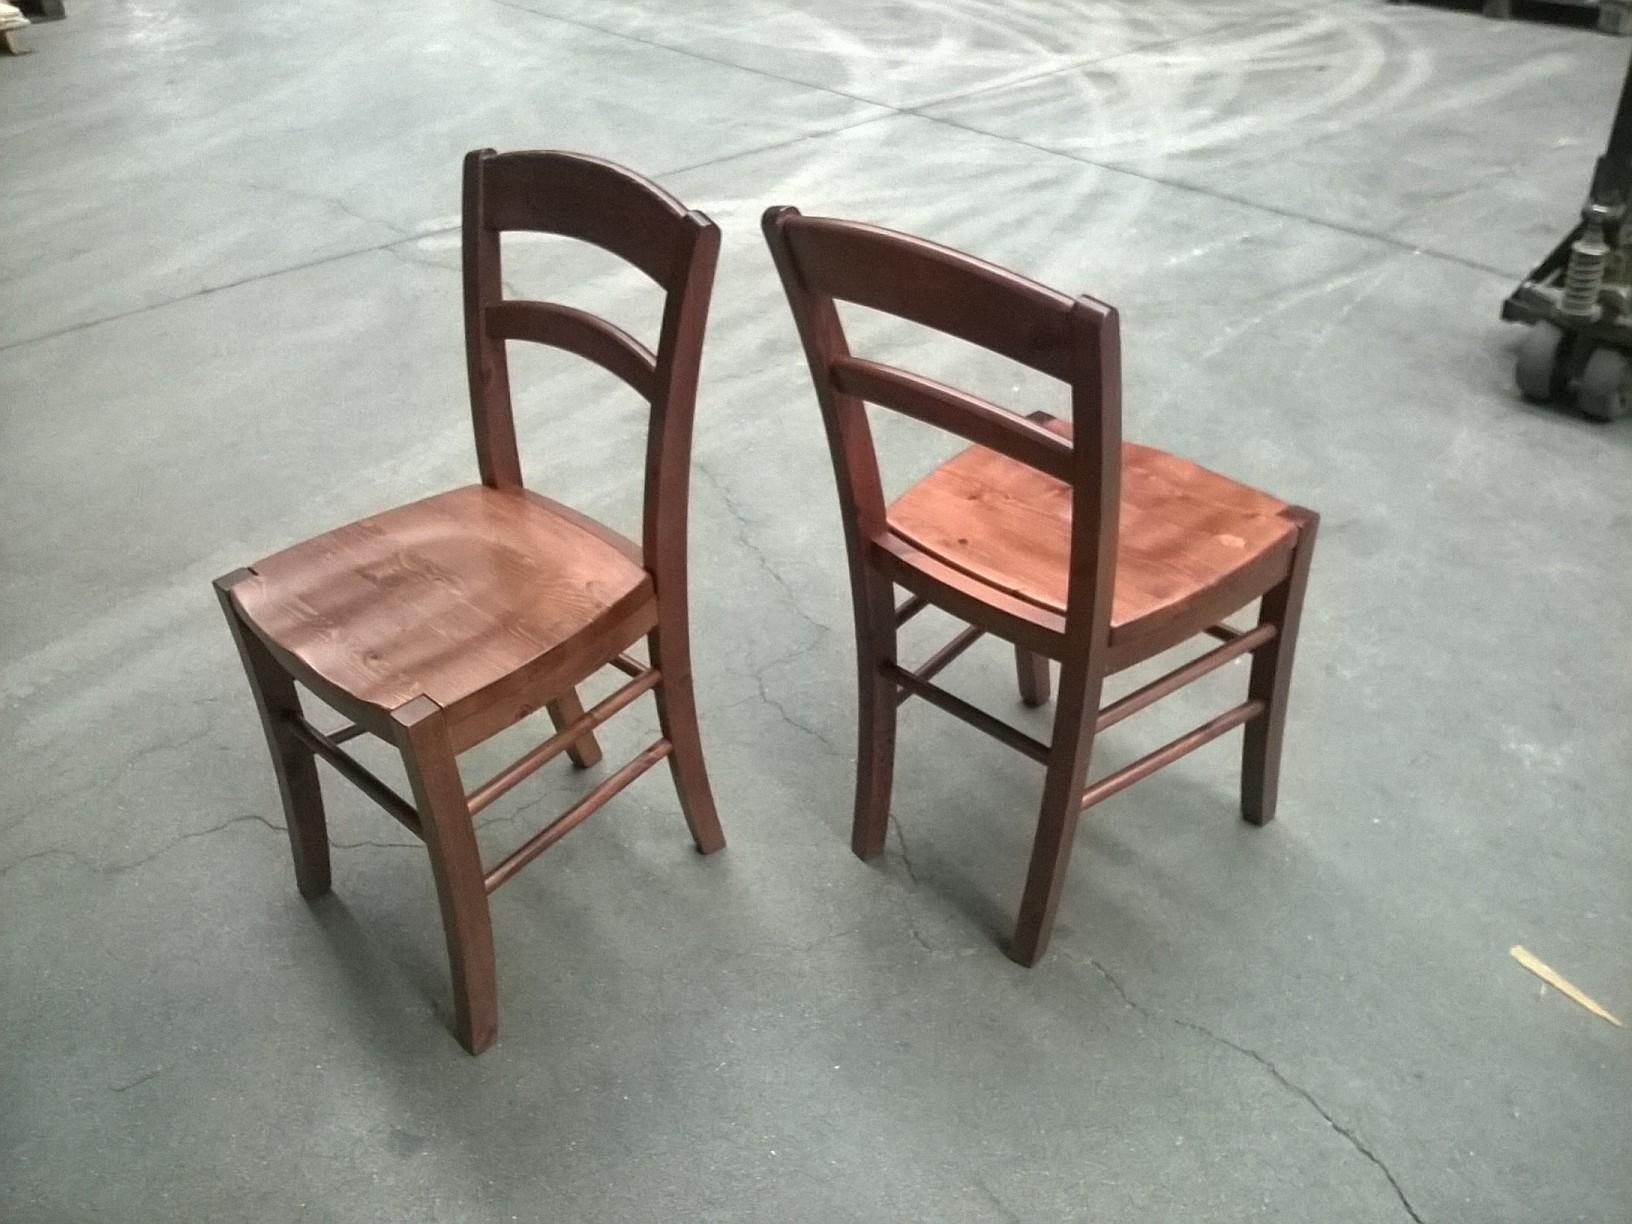 Sedie sedie metallo sedie legno sedie in plastica sedie in pelle